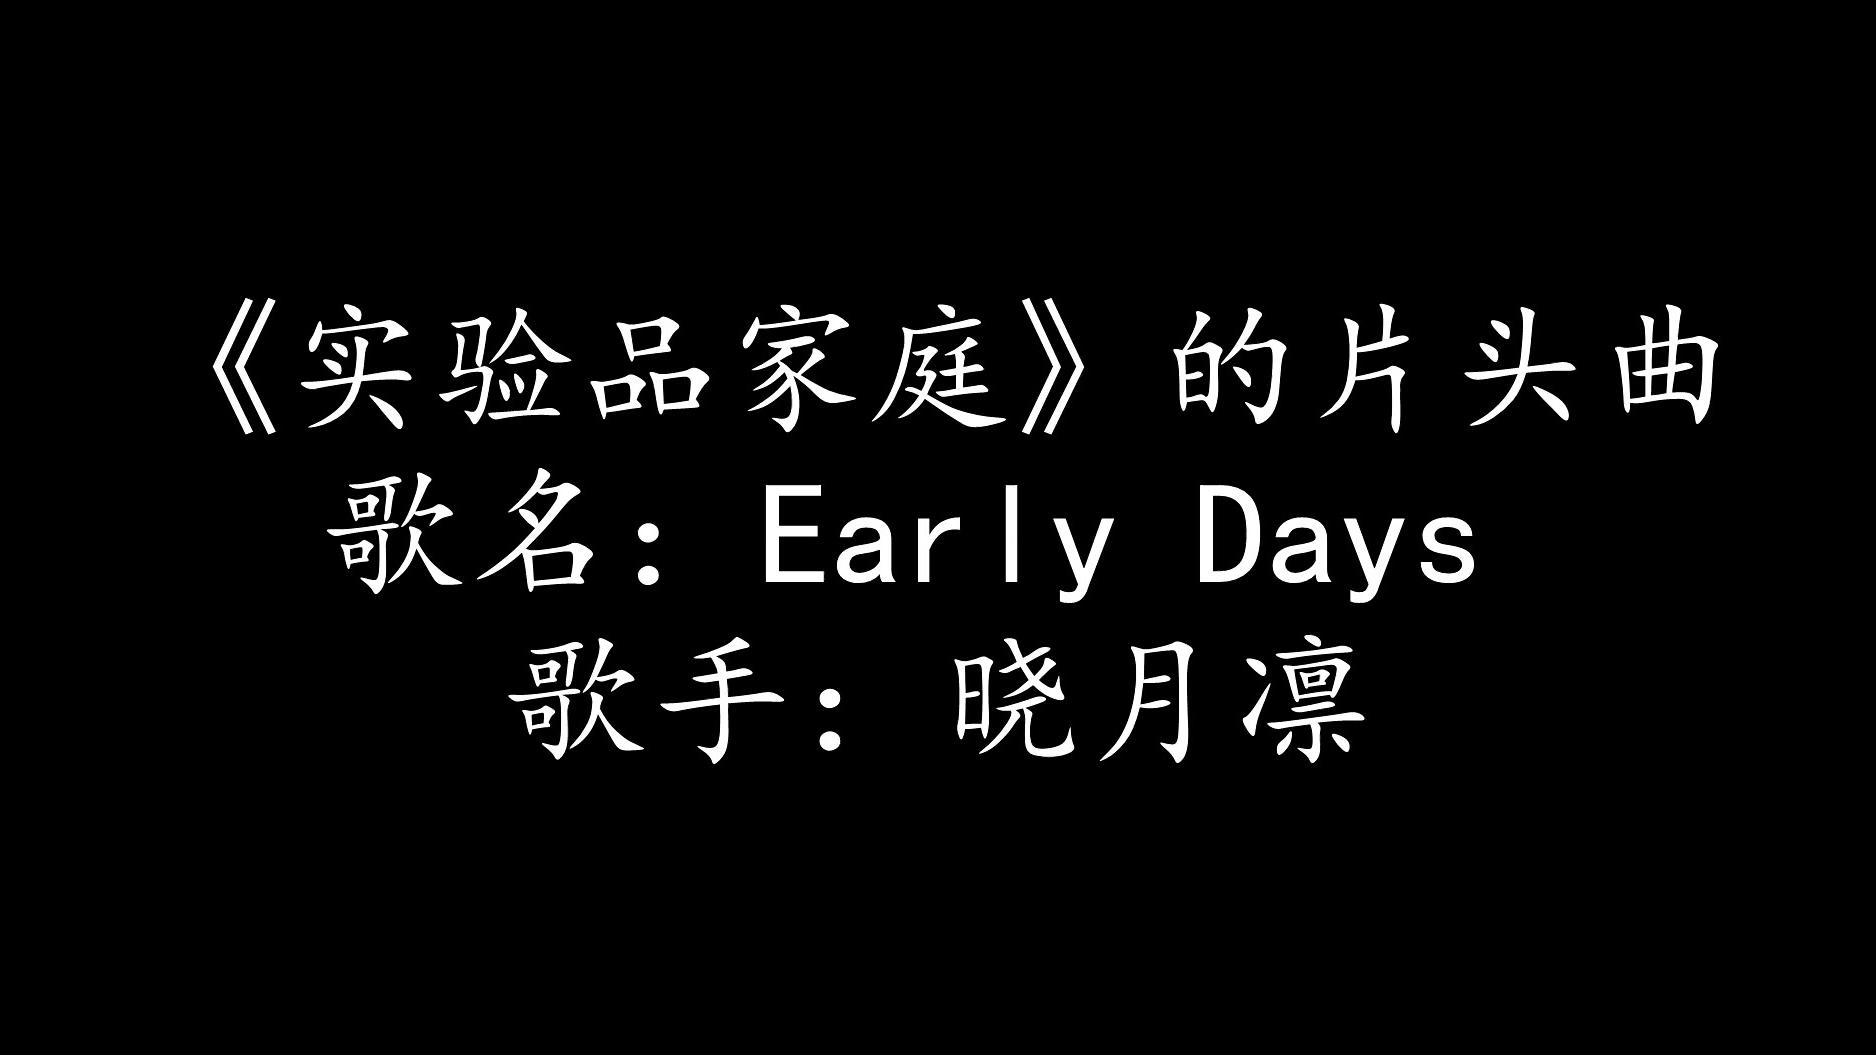 【次元优等声】Early Days